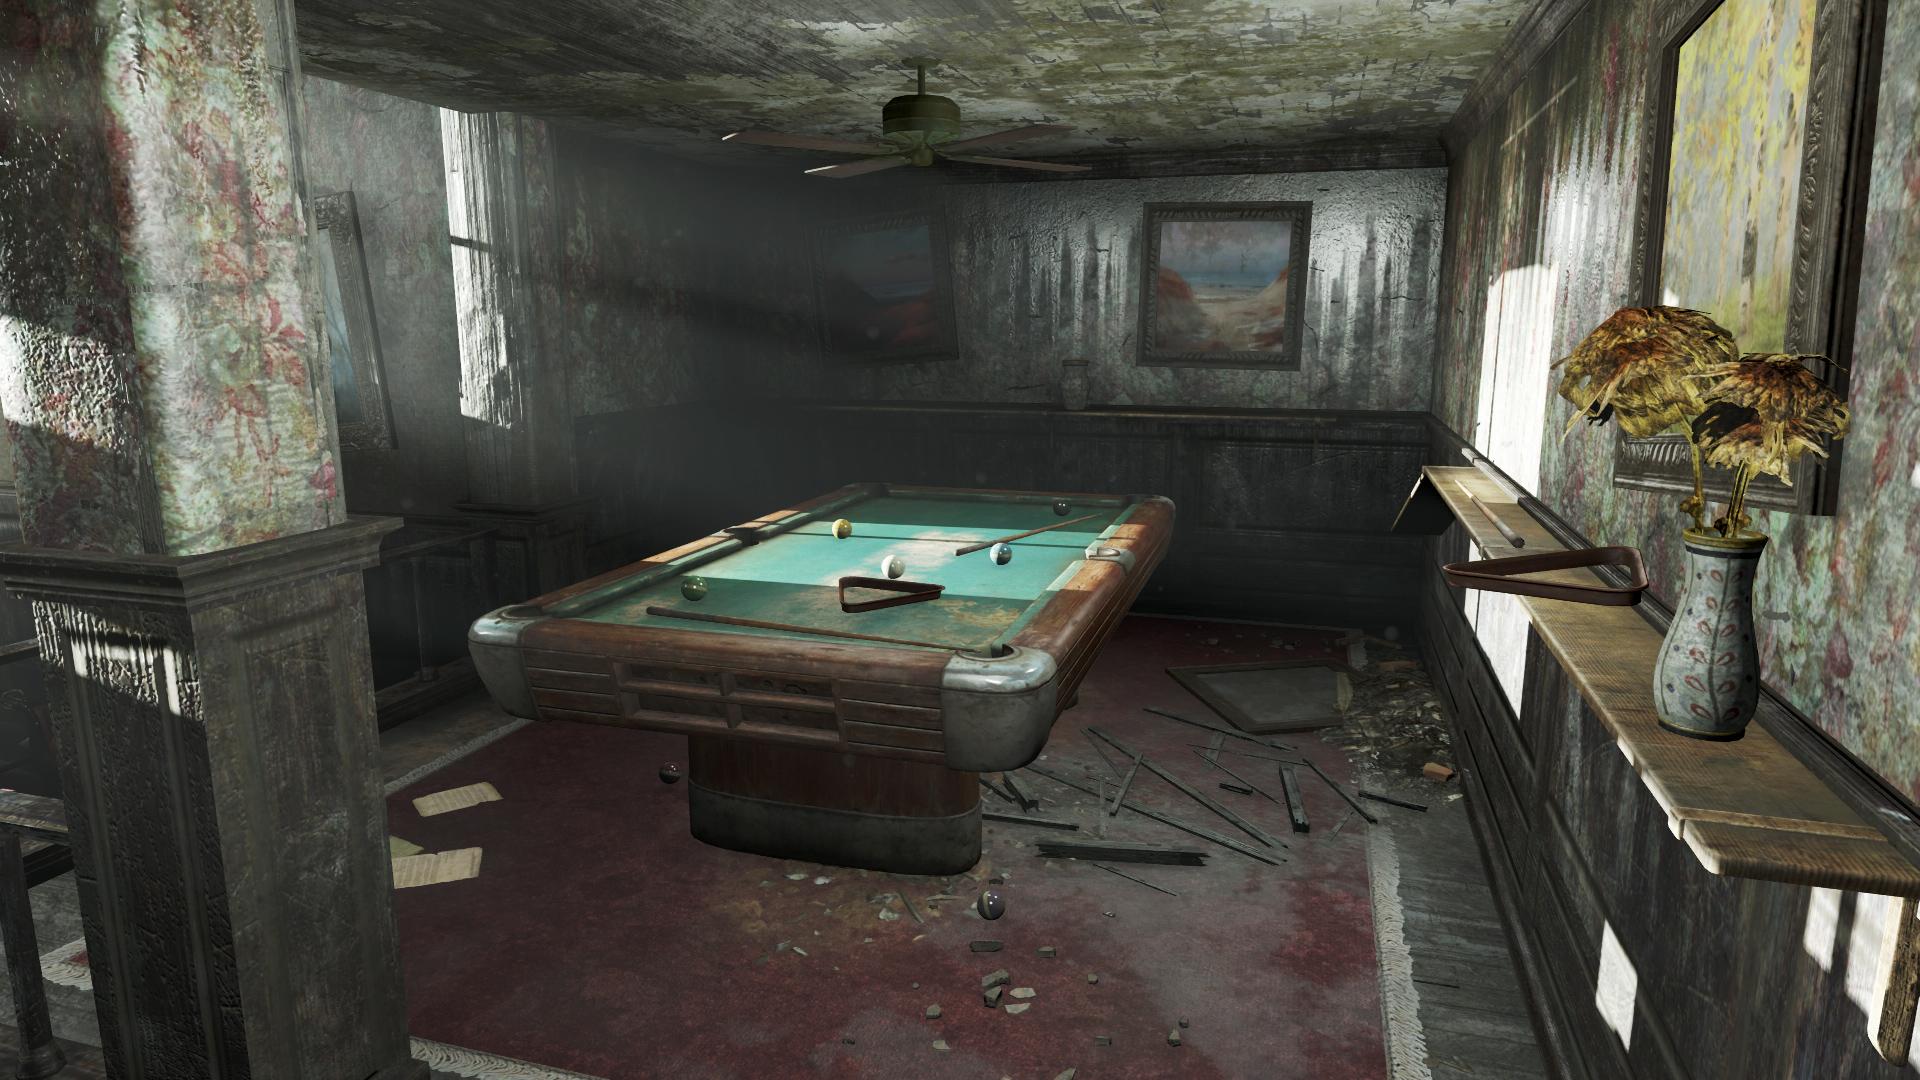 FO4 Boylston Club billiard table